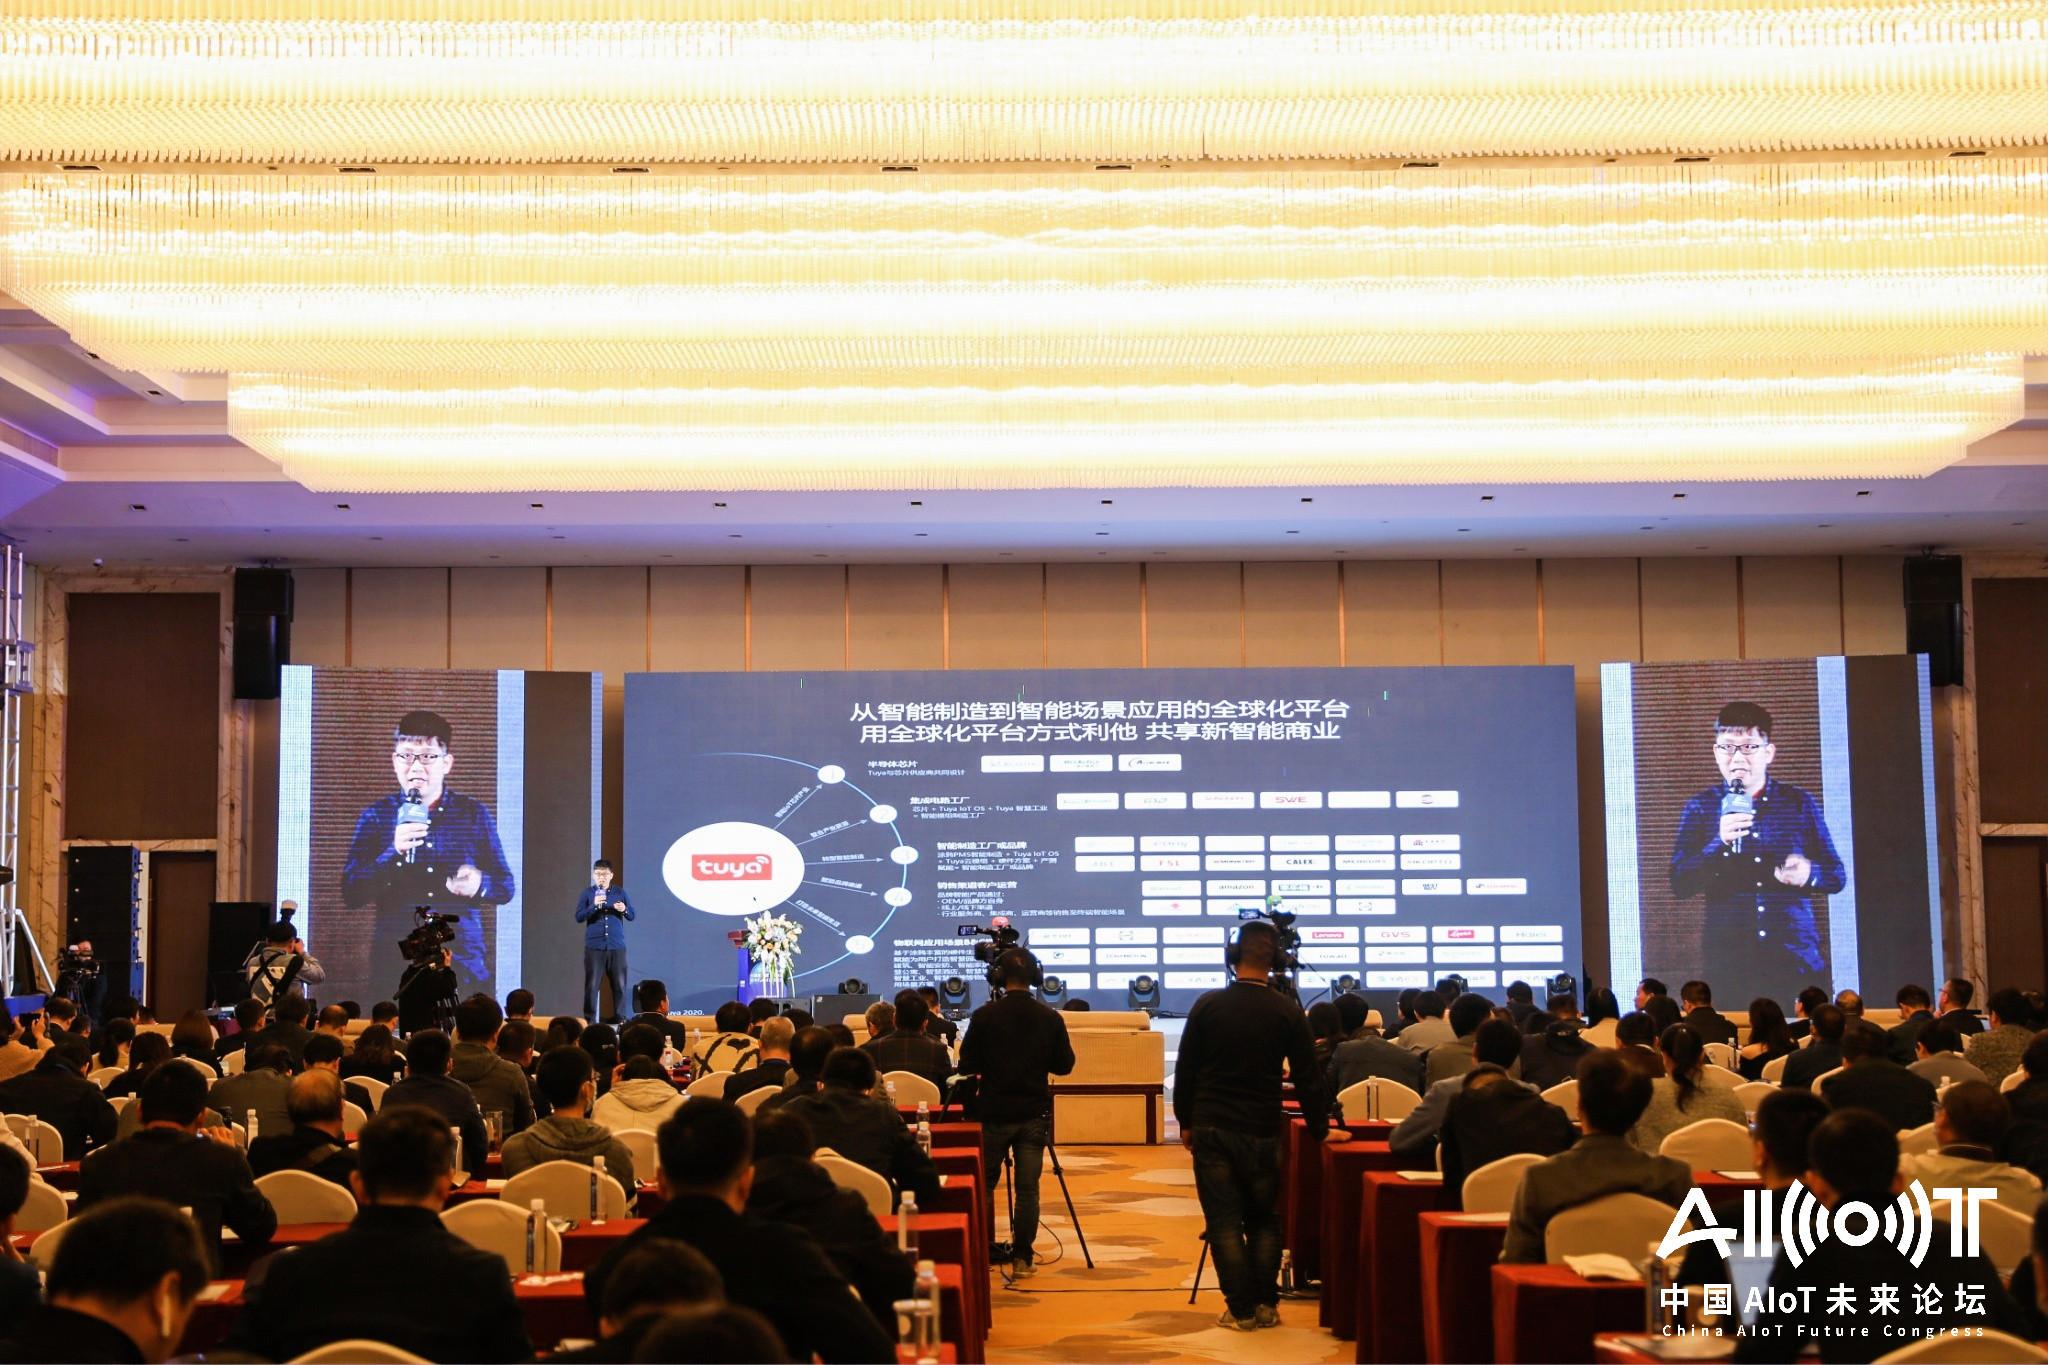 2020中国首席技术官大会暨中国AIoT未来论坛-7